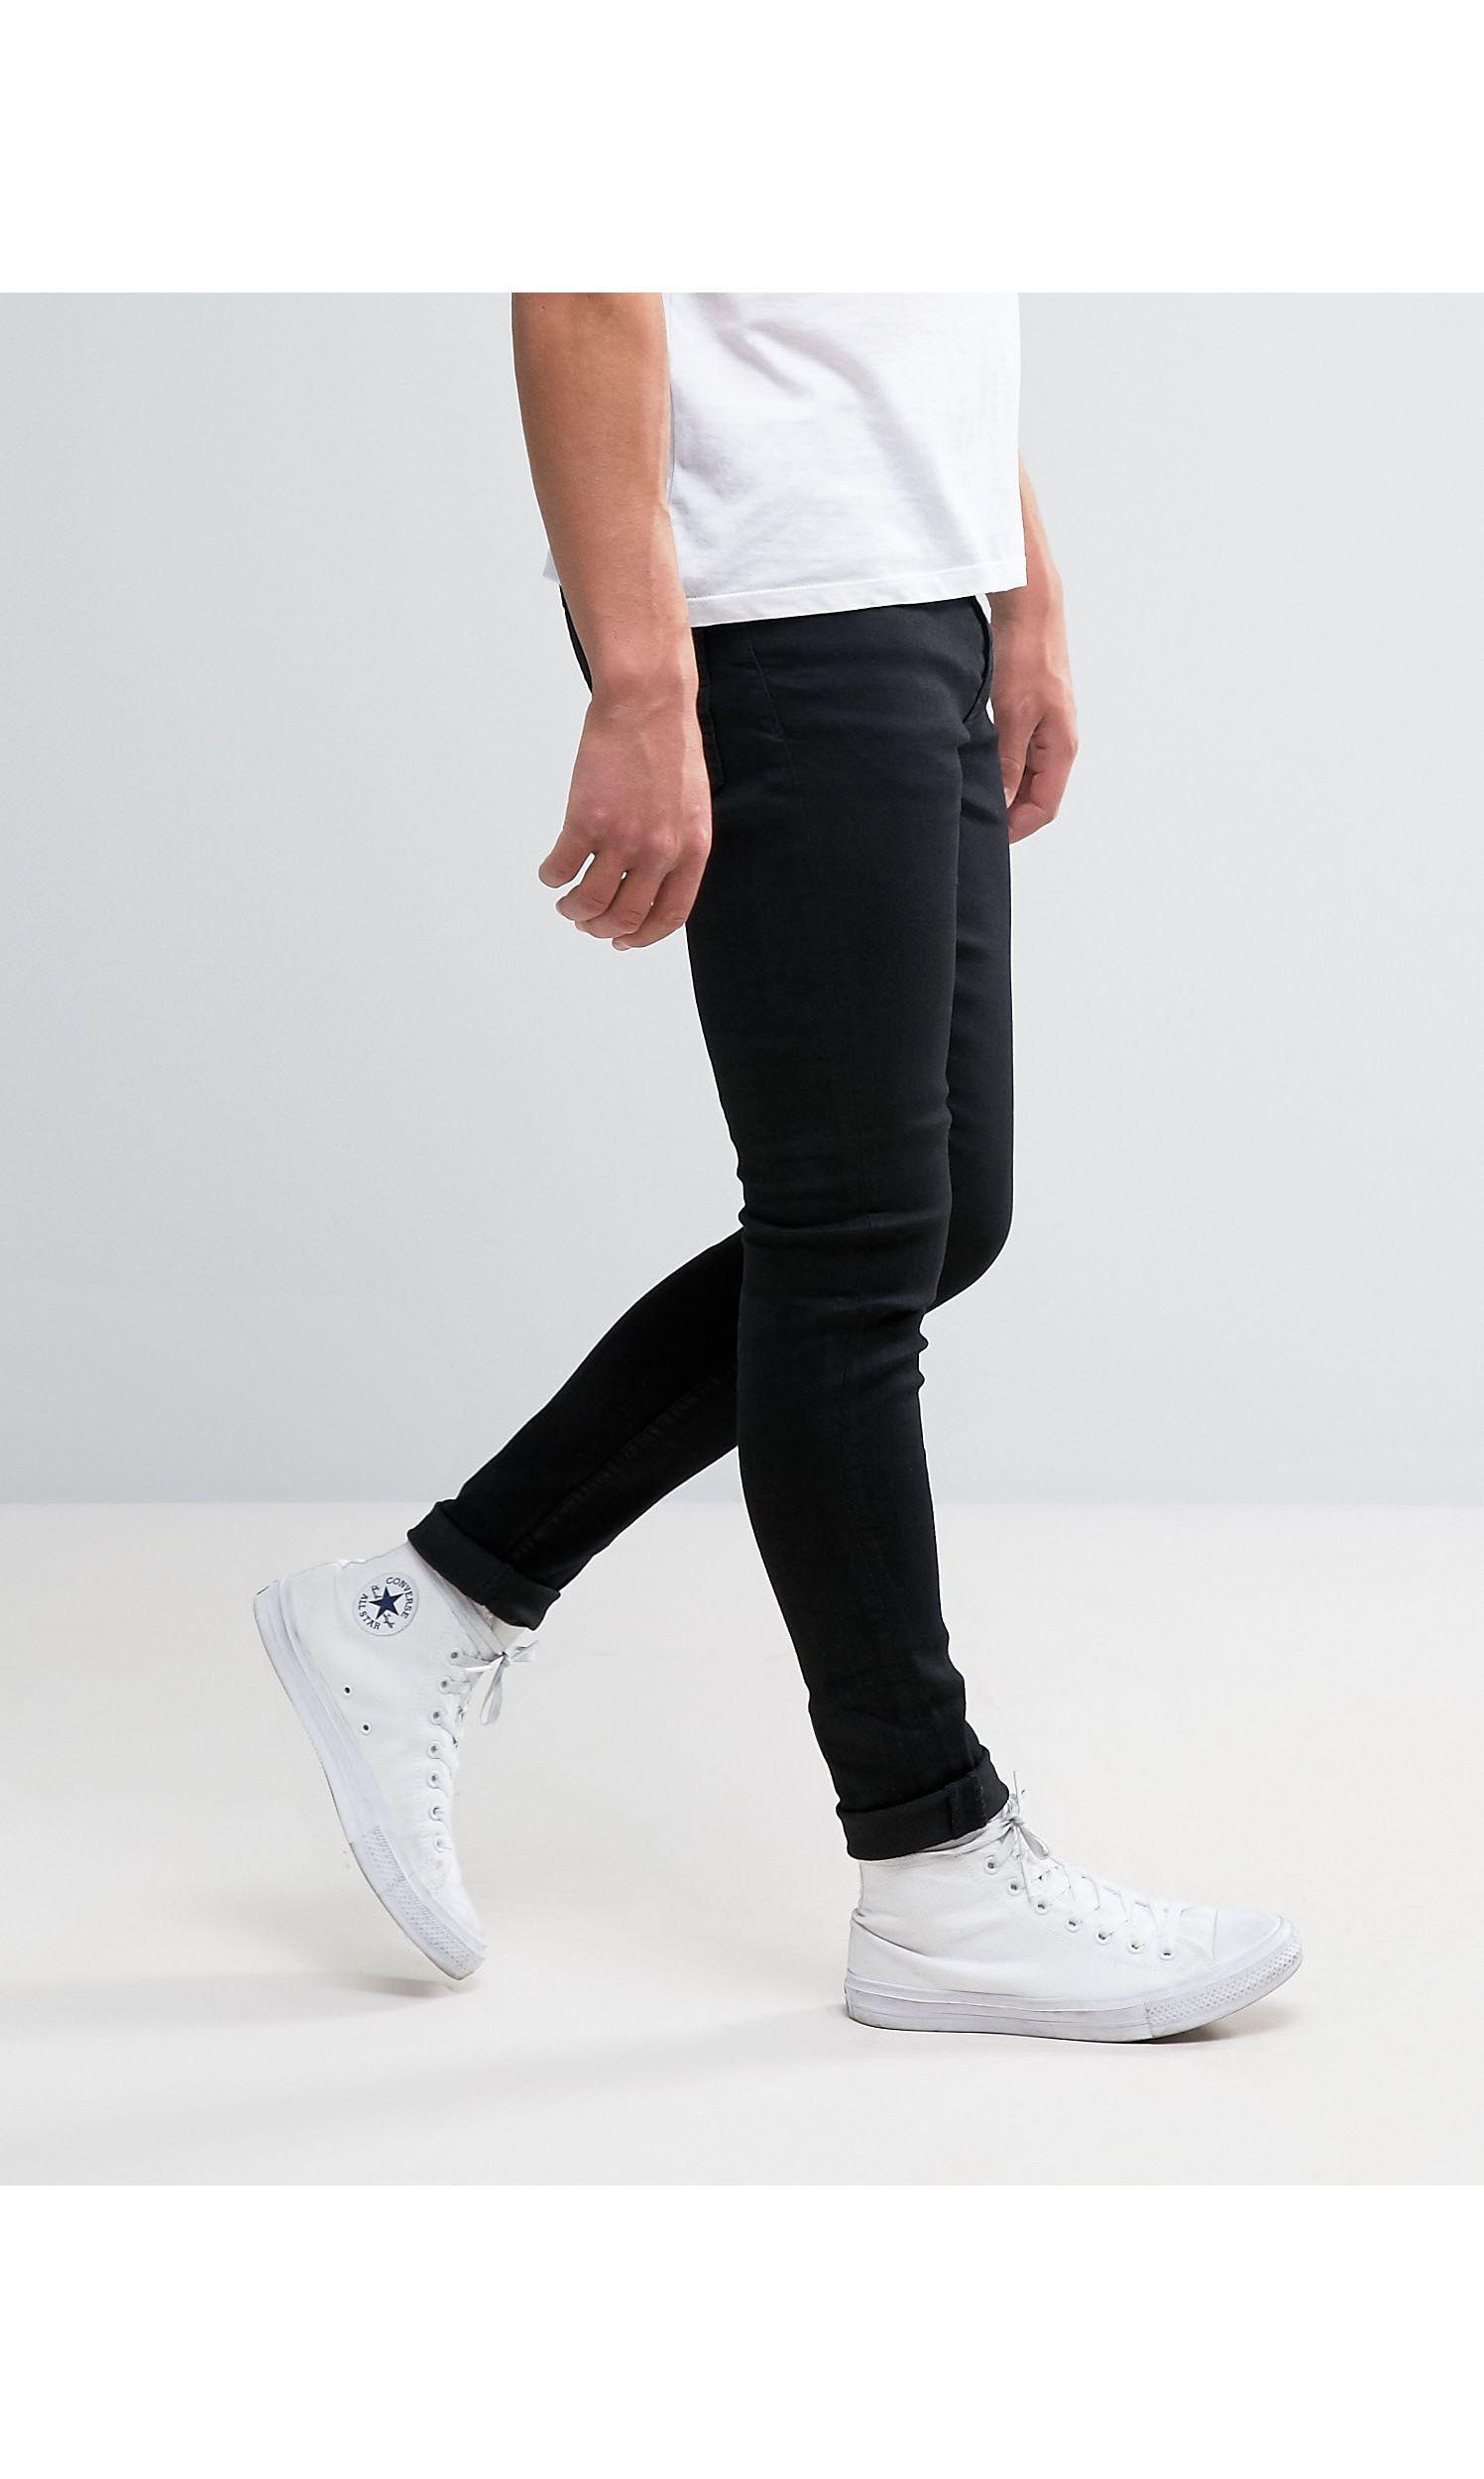 New Look Denim Super Skinny Jeans in Black for Men